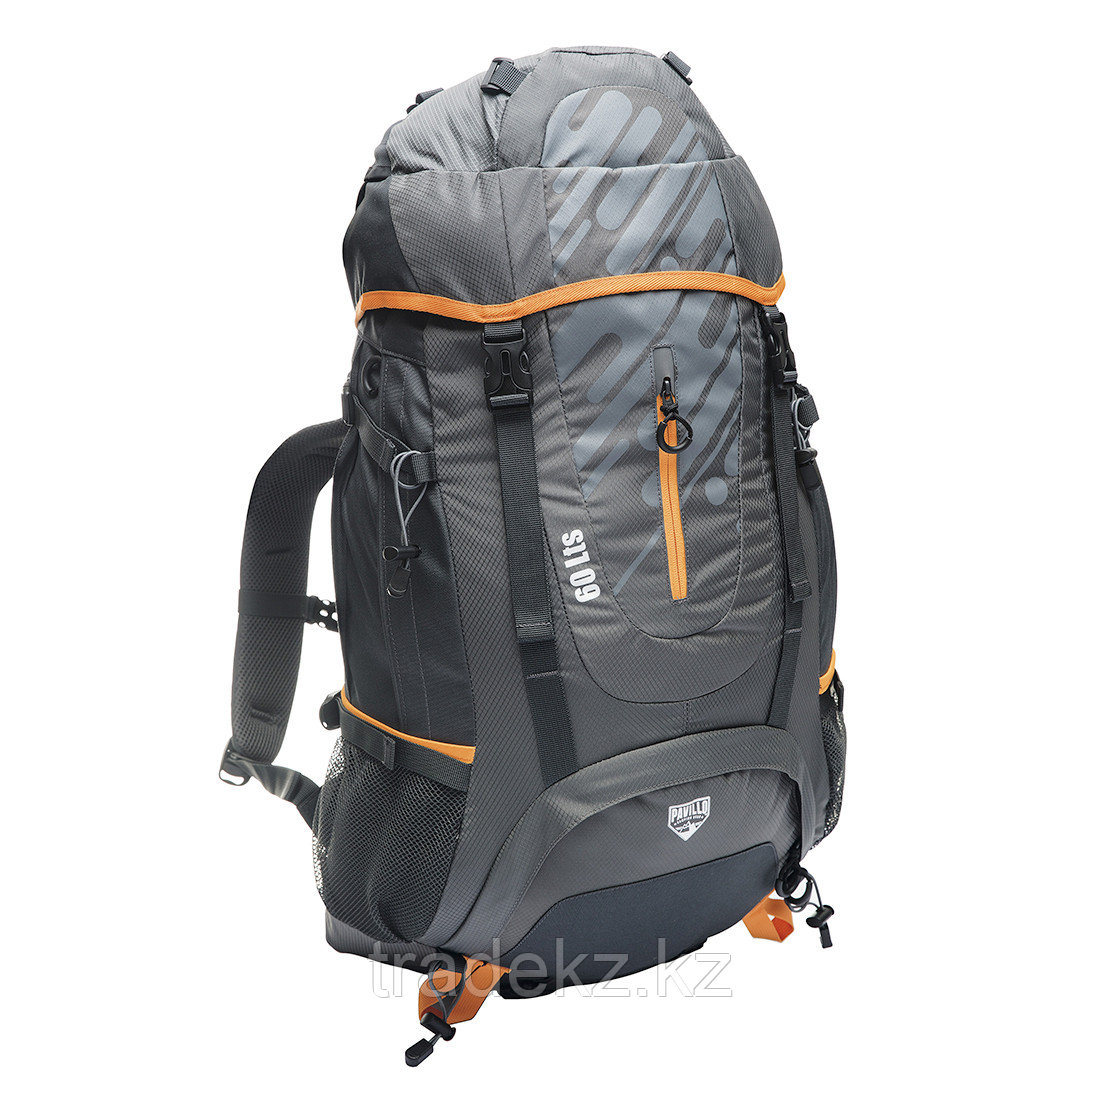 Туристический рюкзак Bestway 68082, объем 60 л.